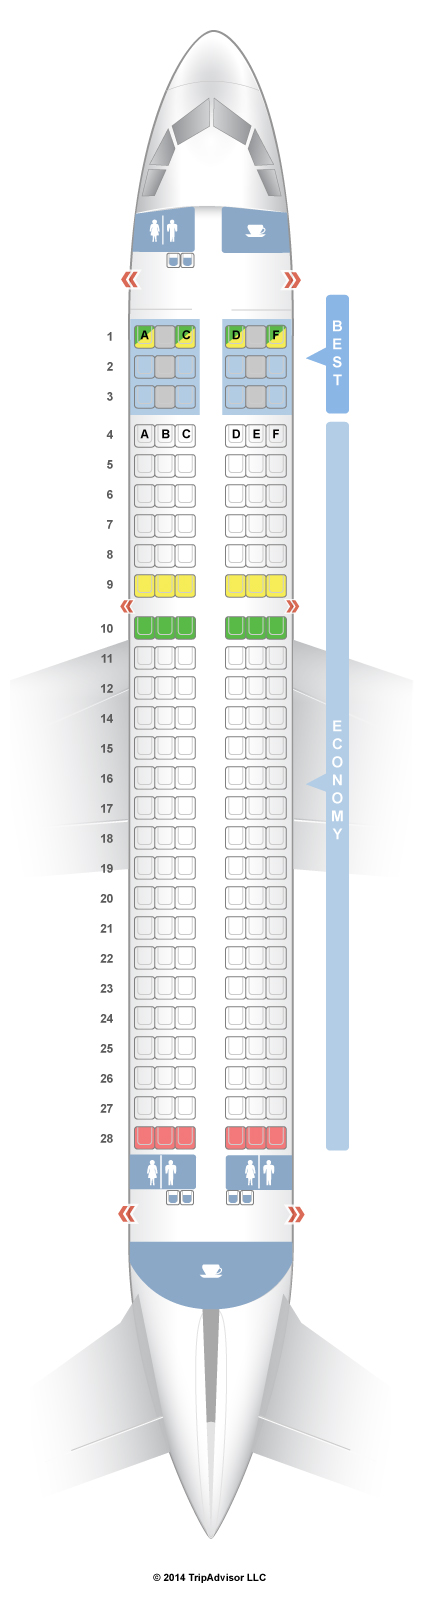 SeatGuru Seat Map Germanwings